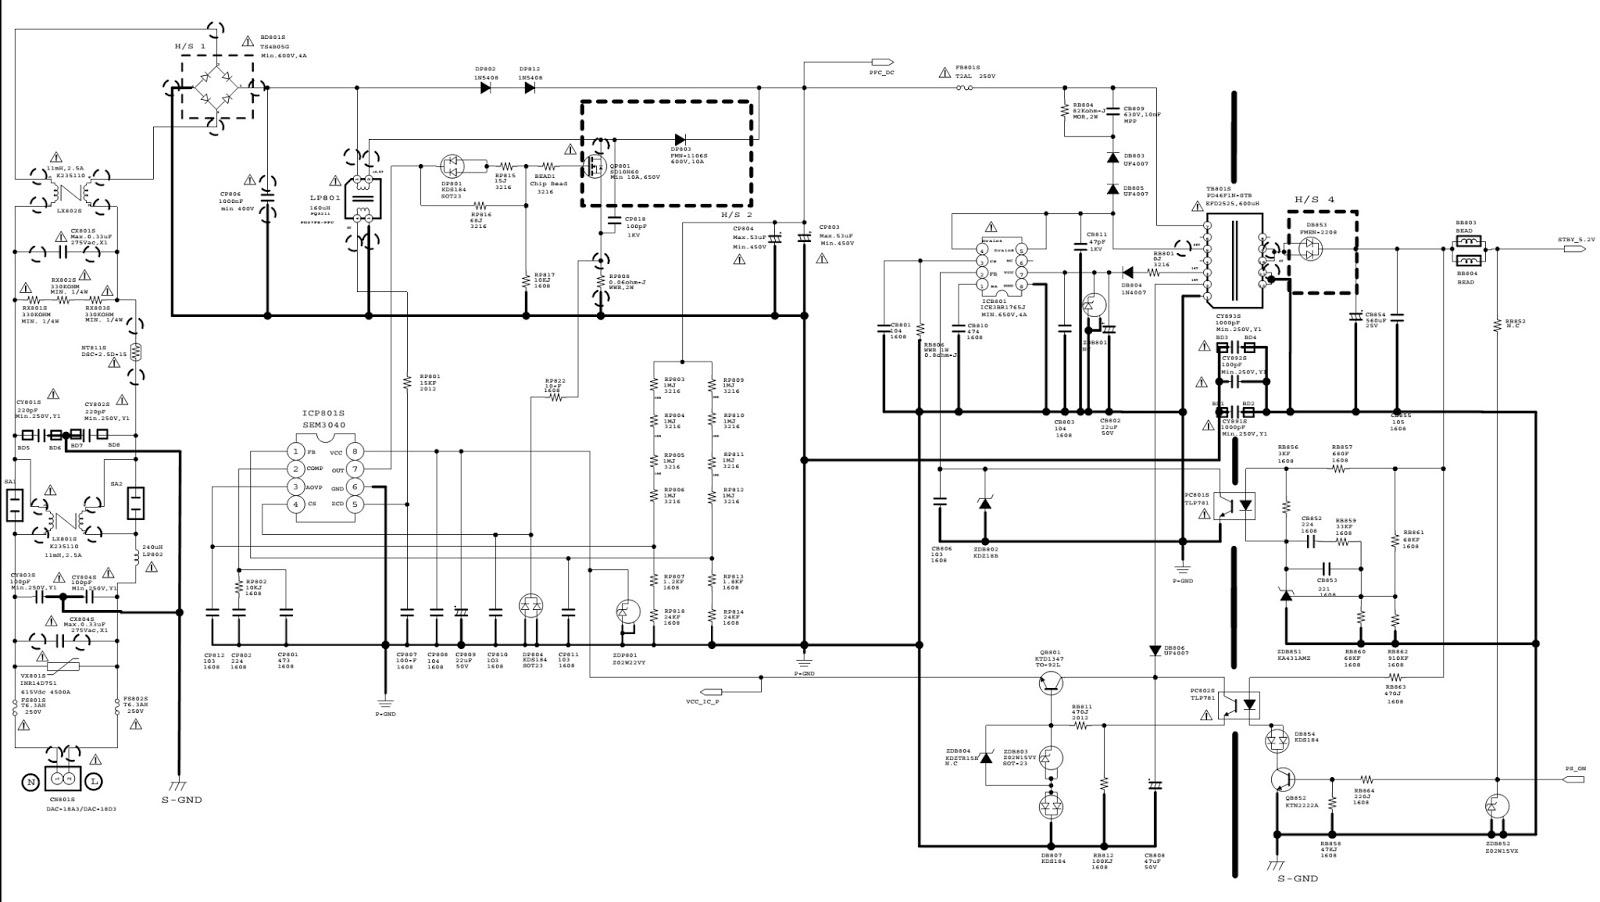 medium resolution of samsung dlp schematics samsung 60 quot tv elsavadorla samsung washer wiring diagram samsung refrigerator schematic diagram